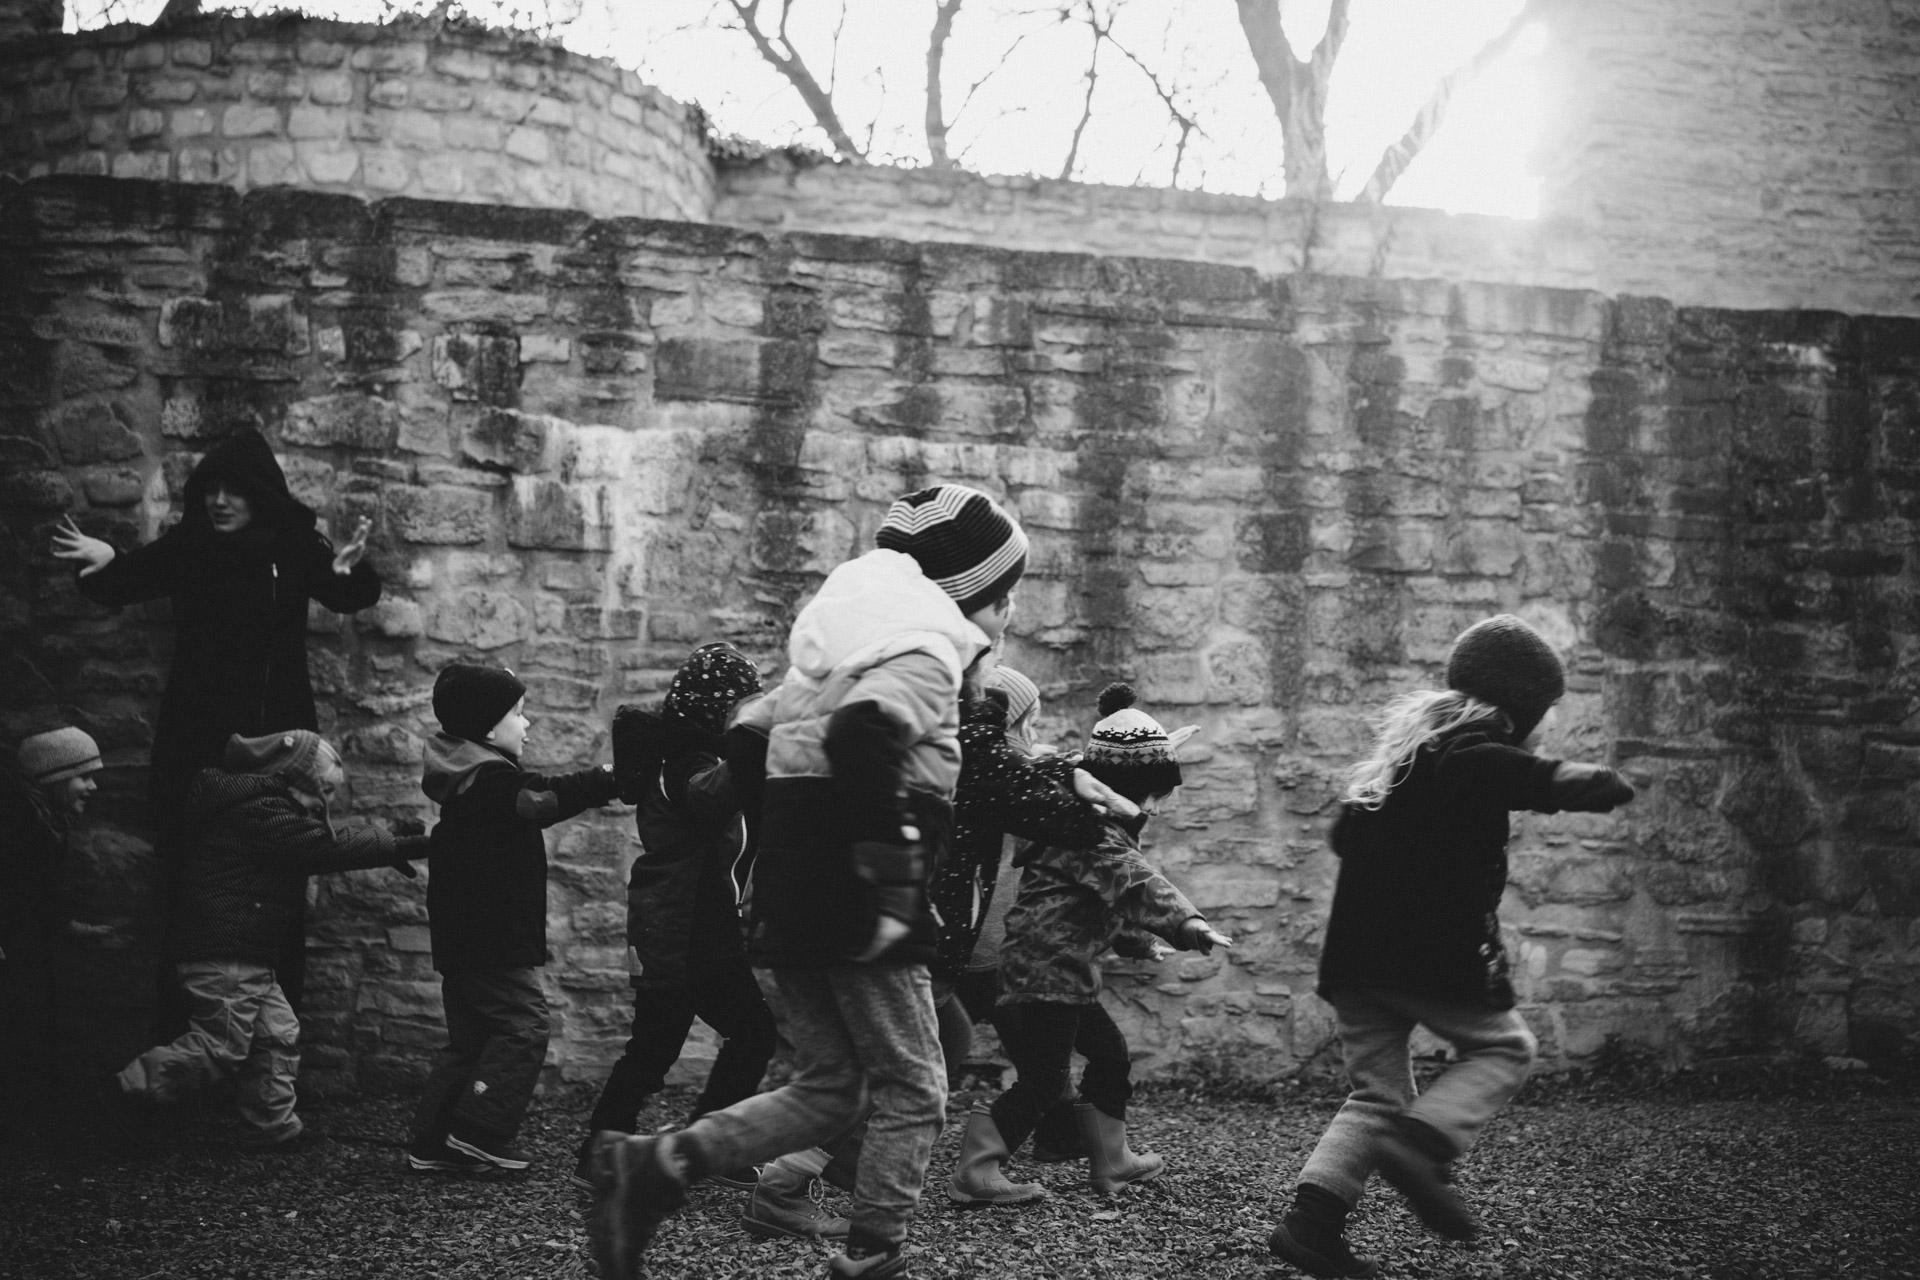 Familienreportage Berlin: Kinder rennen von links durchs Bild